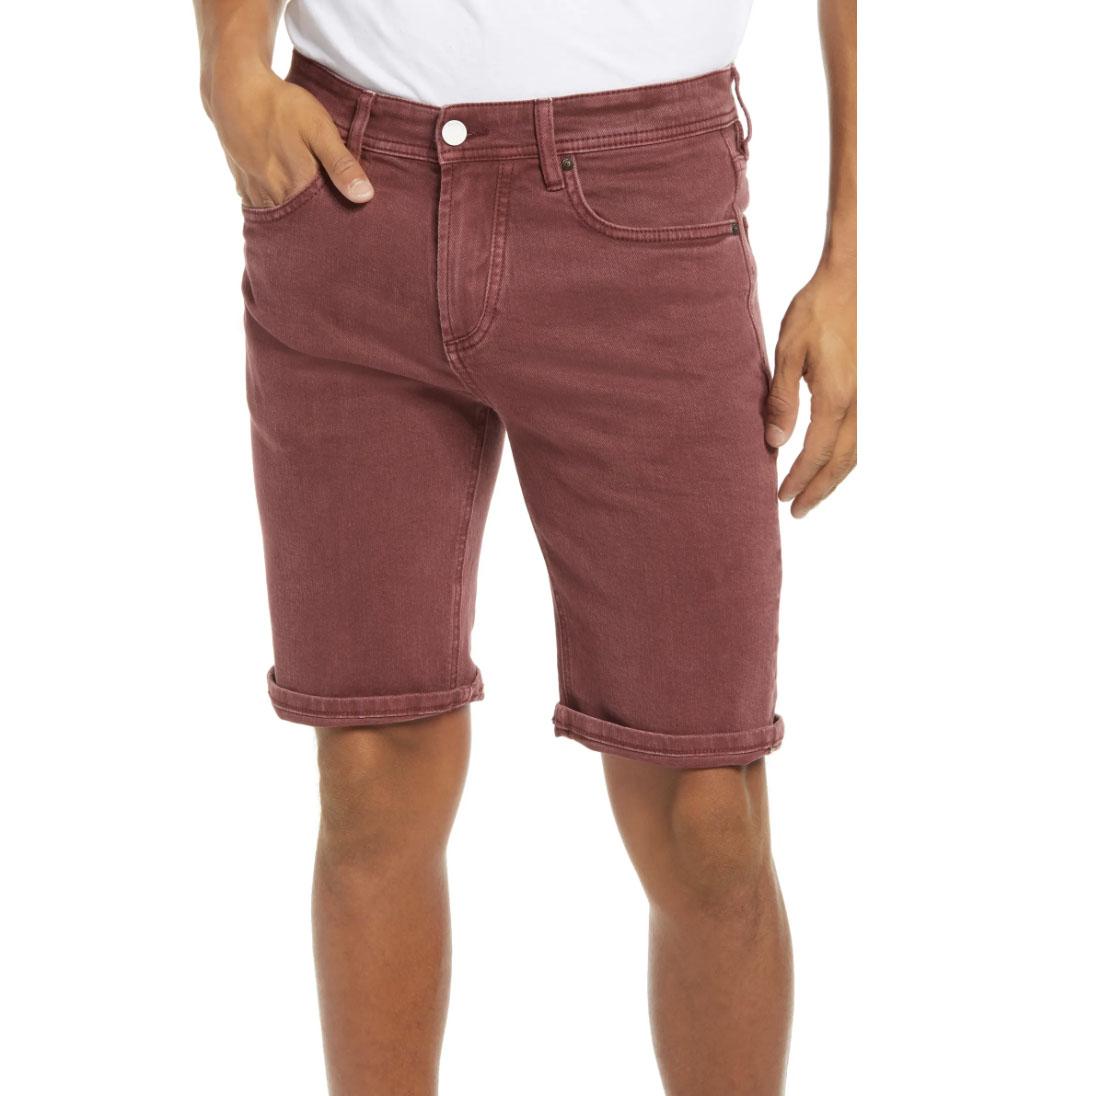 BLANKNYC Denim Shorts